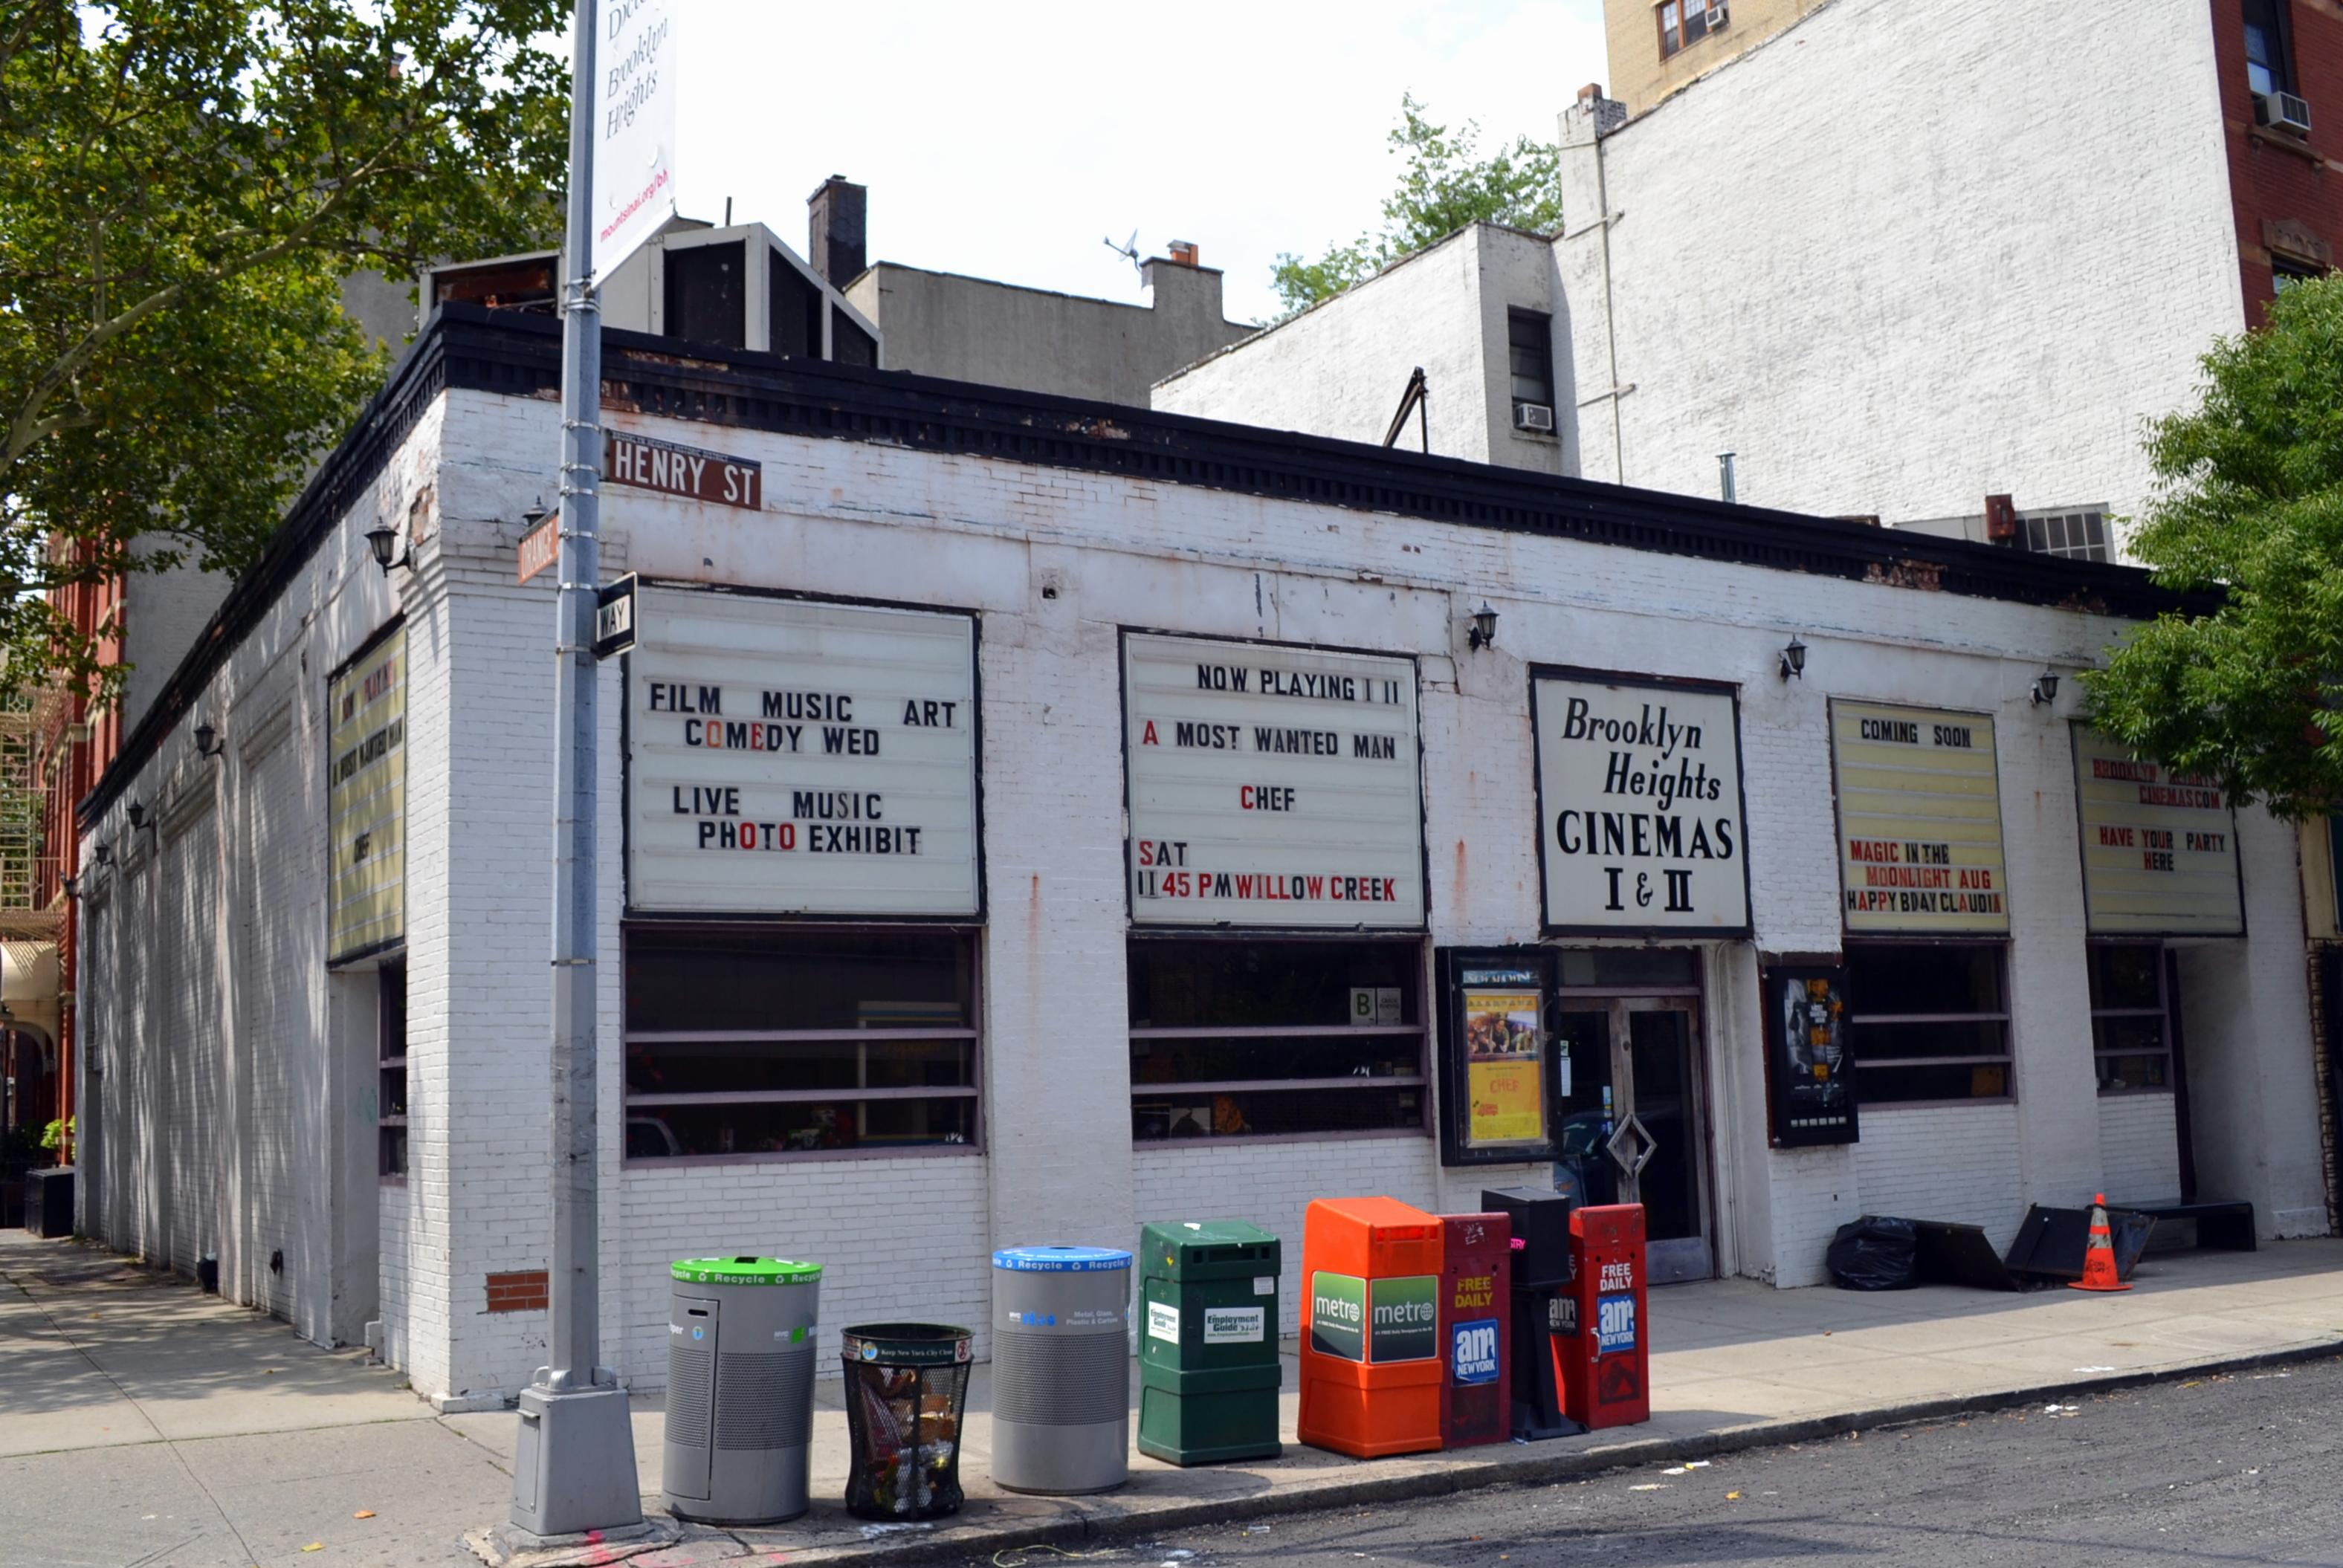 Brooklyn Heights Cinema